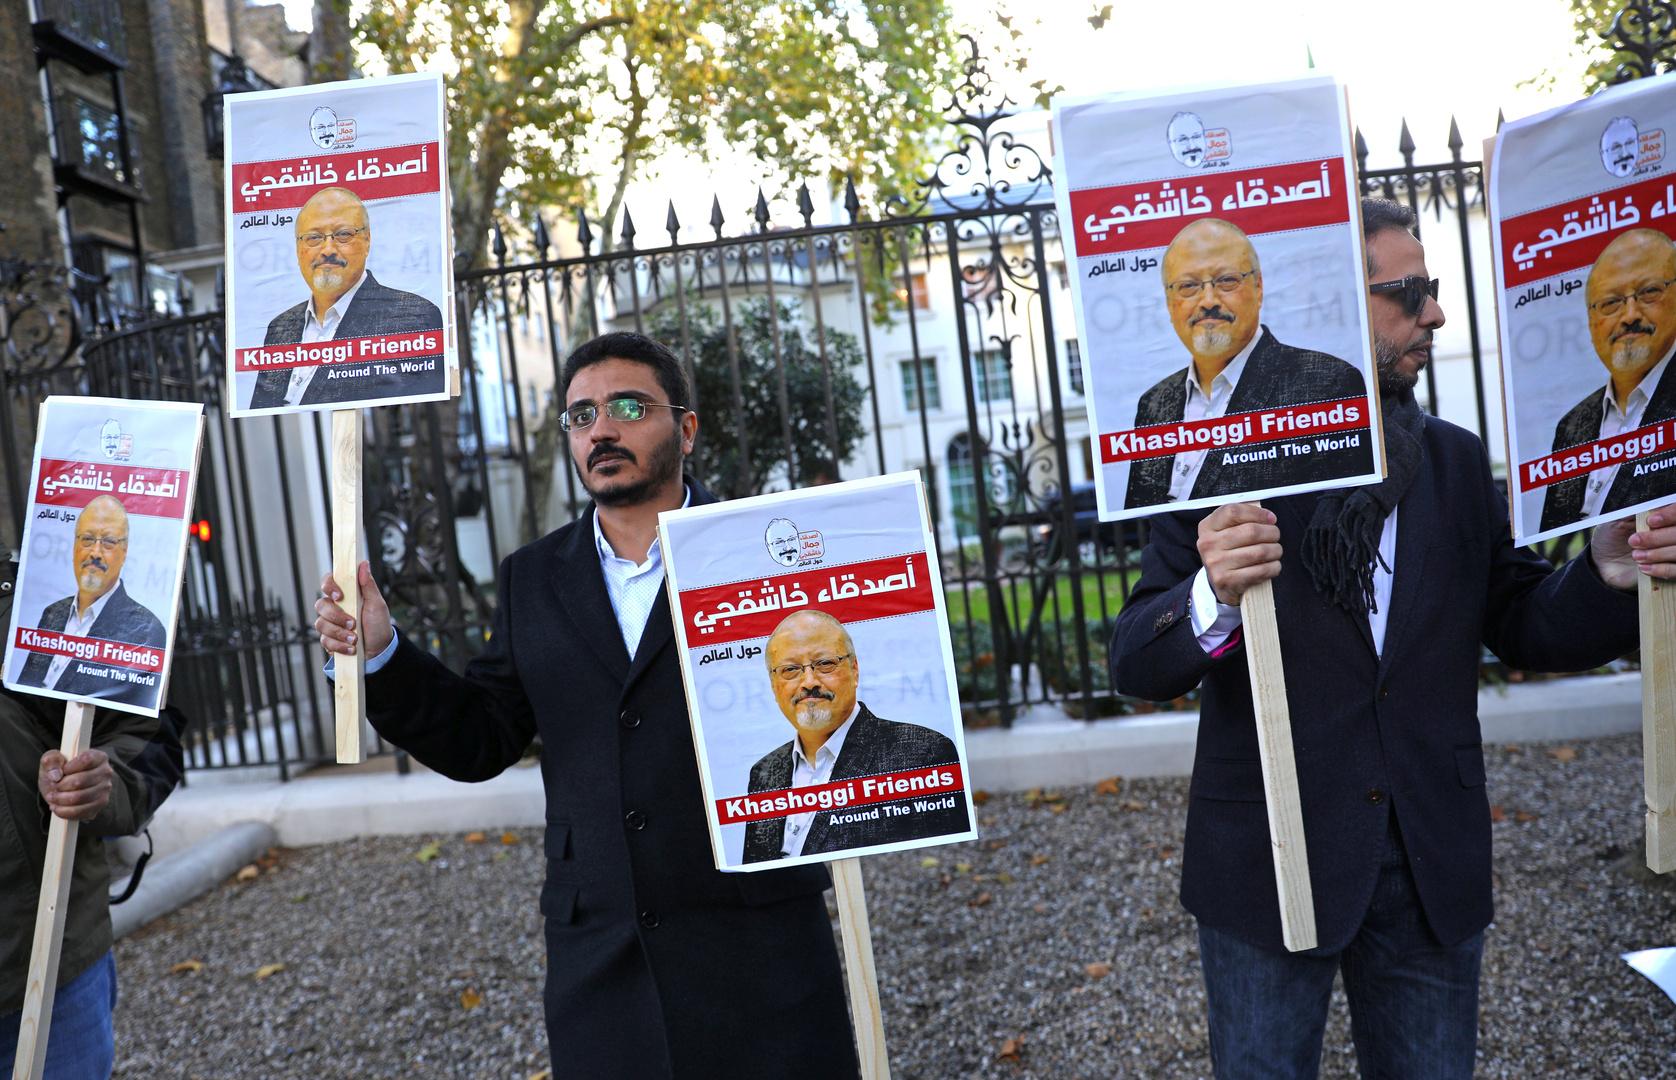 وقفة تضامنية من أصدقاء الصحفي جمال خاشقجي في لندن